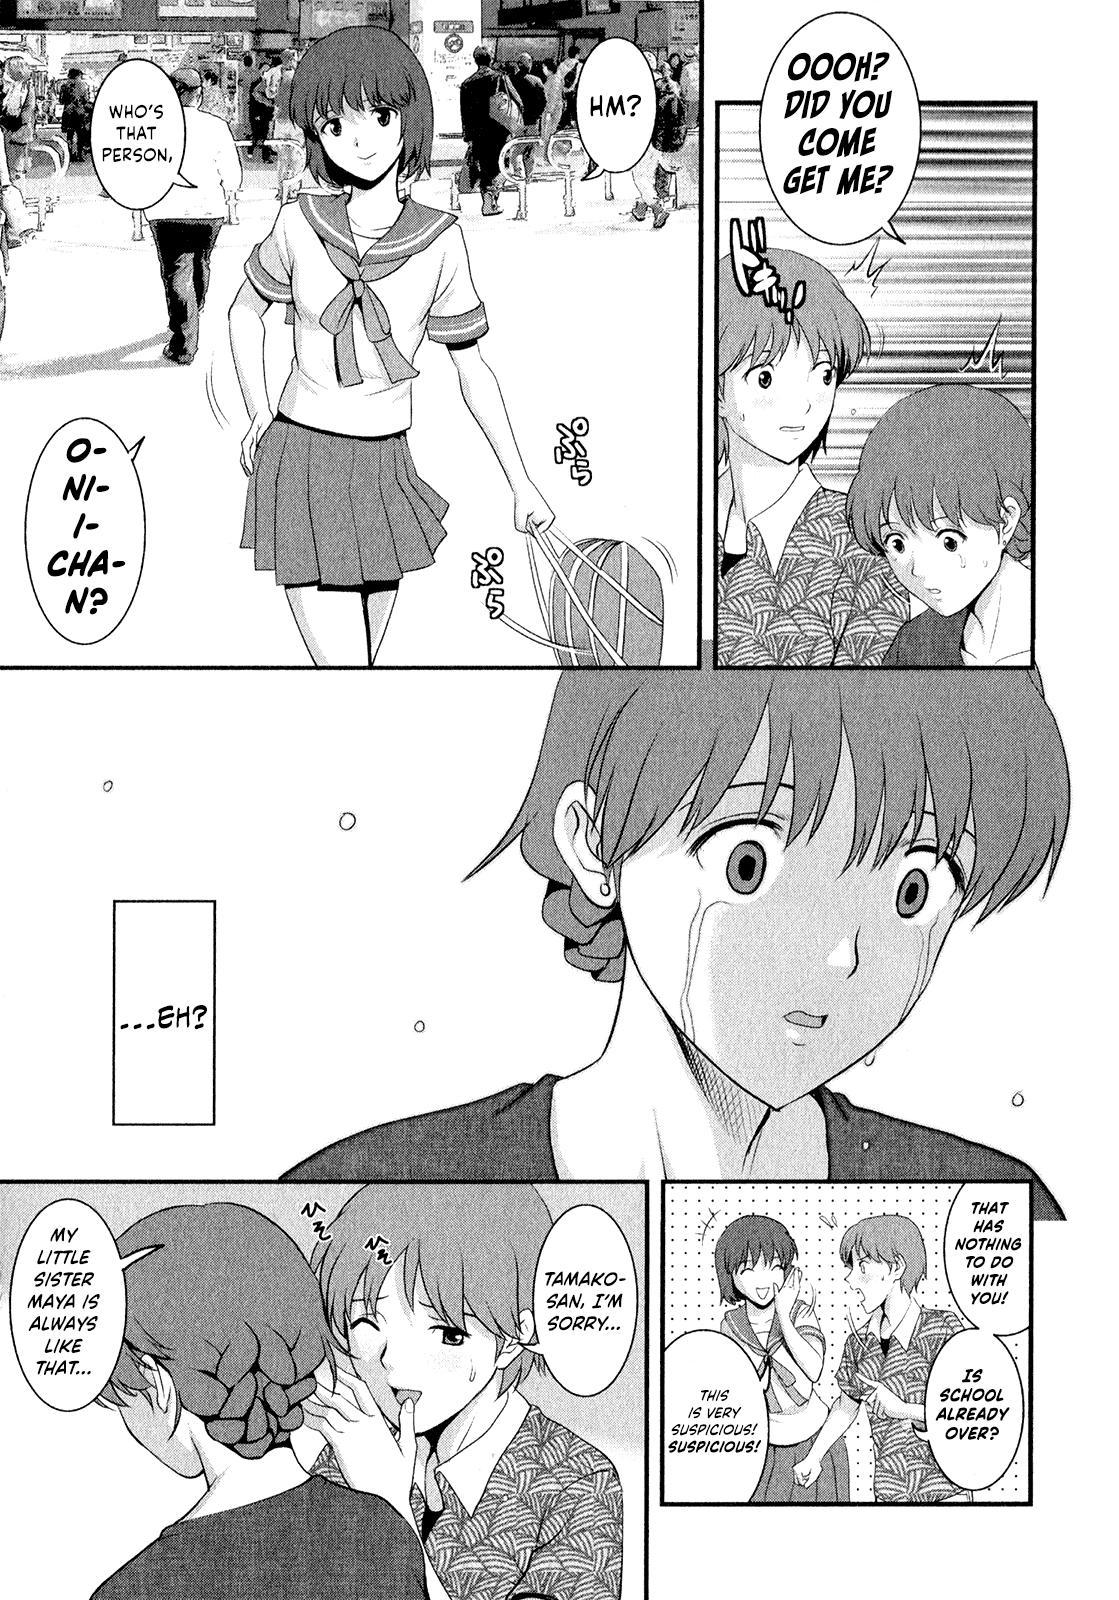 [Saigado] Hitozuma Audrey-san no Himitsu ~30-sai kara no Furyou Tsuma Kouza~ - Vol. 2 [English] {Hennojin} 169